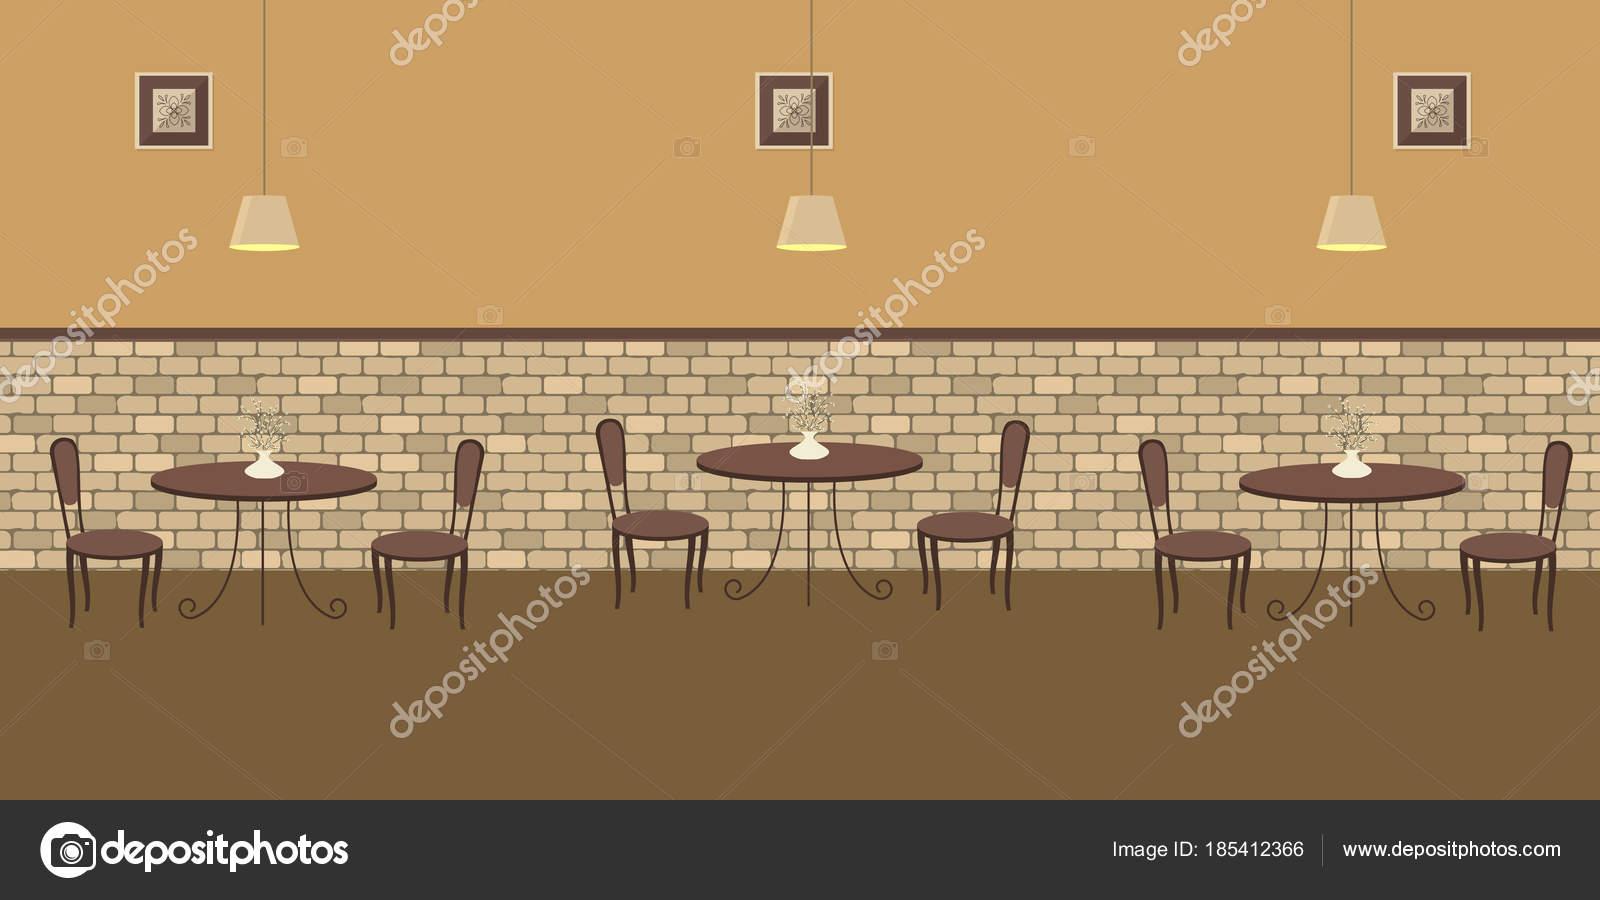 interieur van een caf met bruin meubilair op een bakstenen muur achtergrond er zijn drie tafels en stoelen in de afbeelding